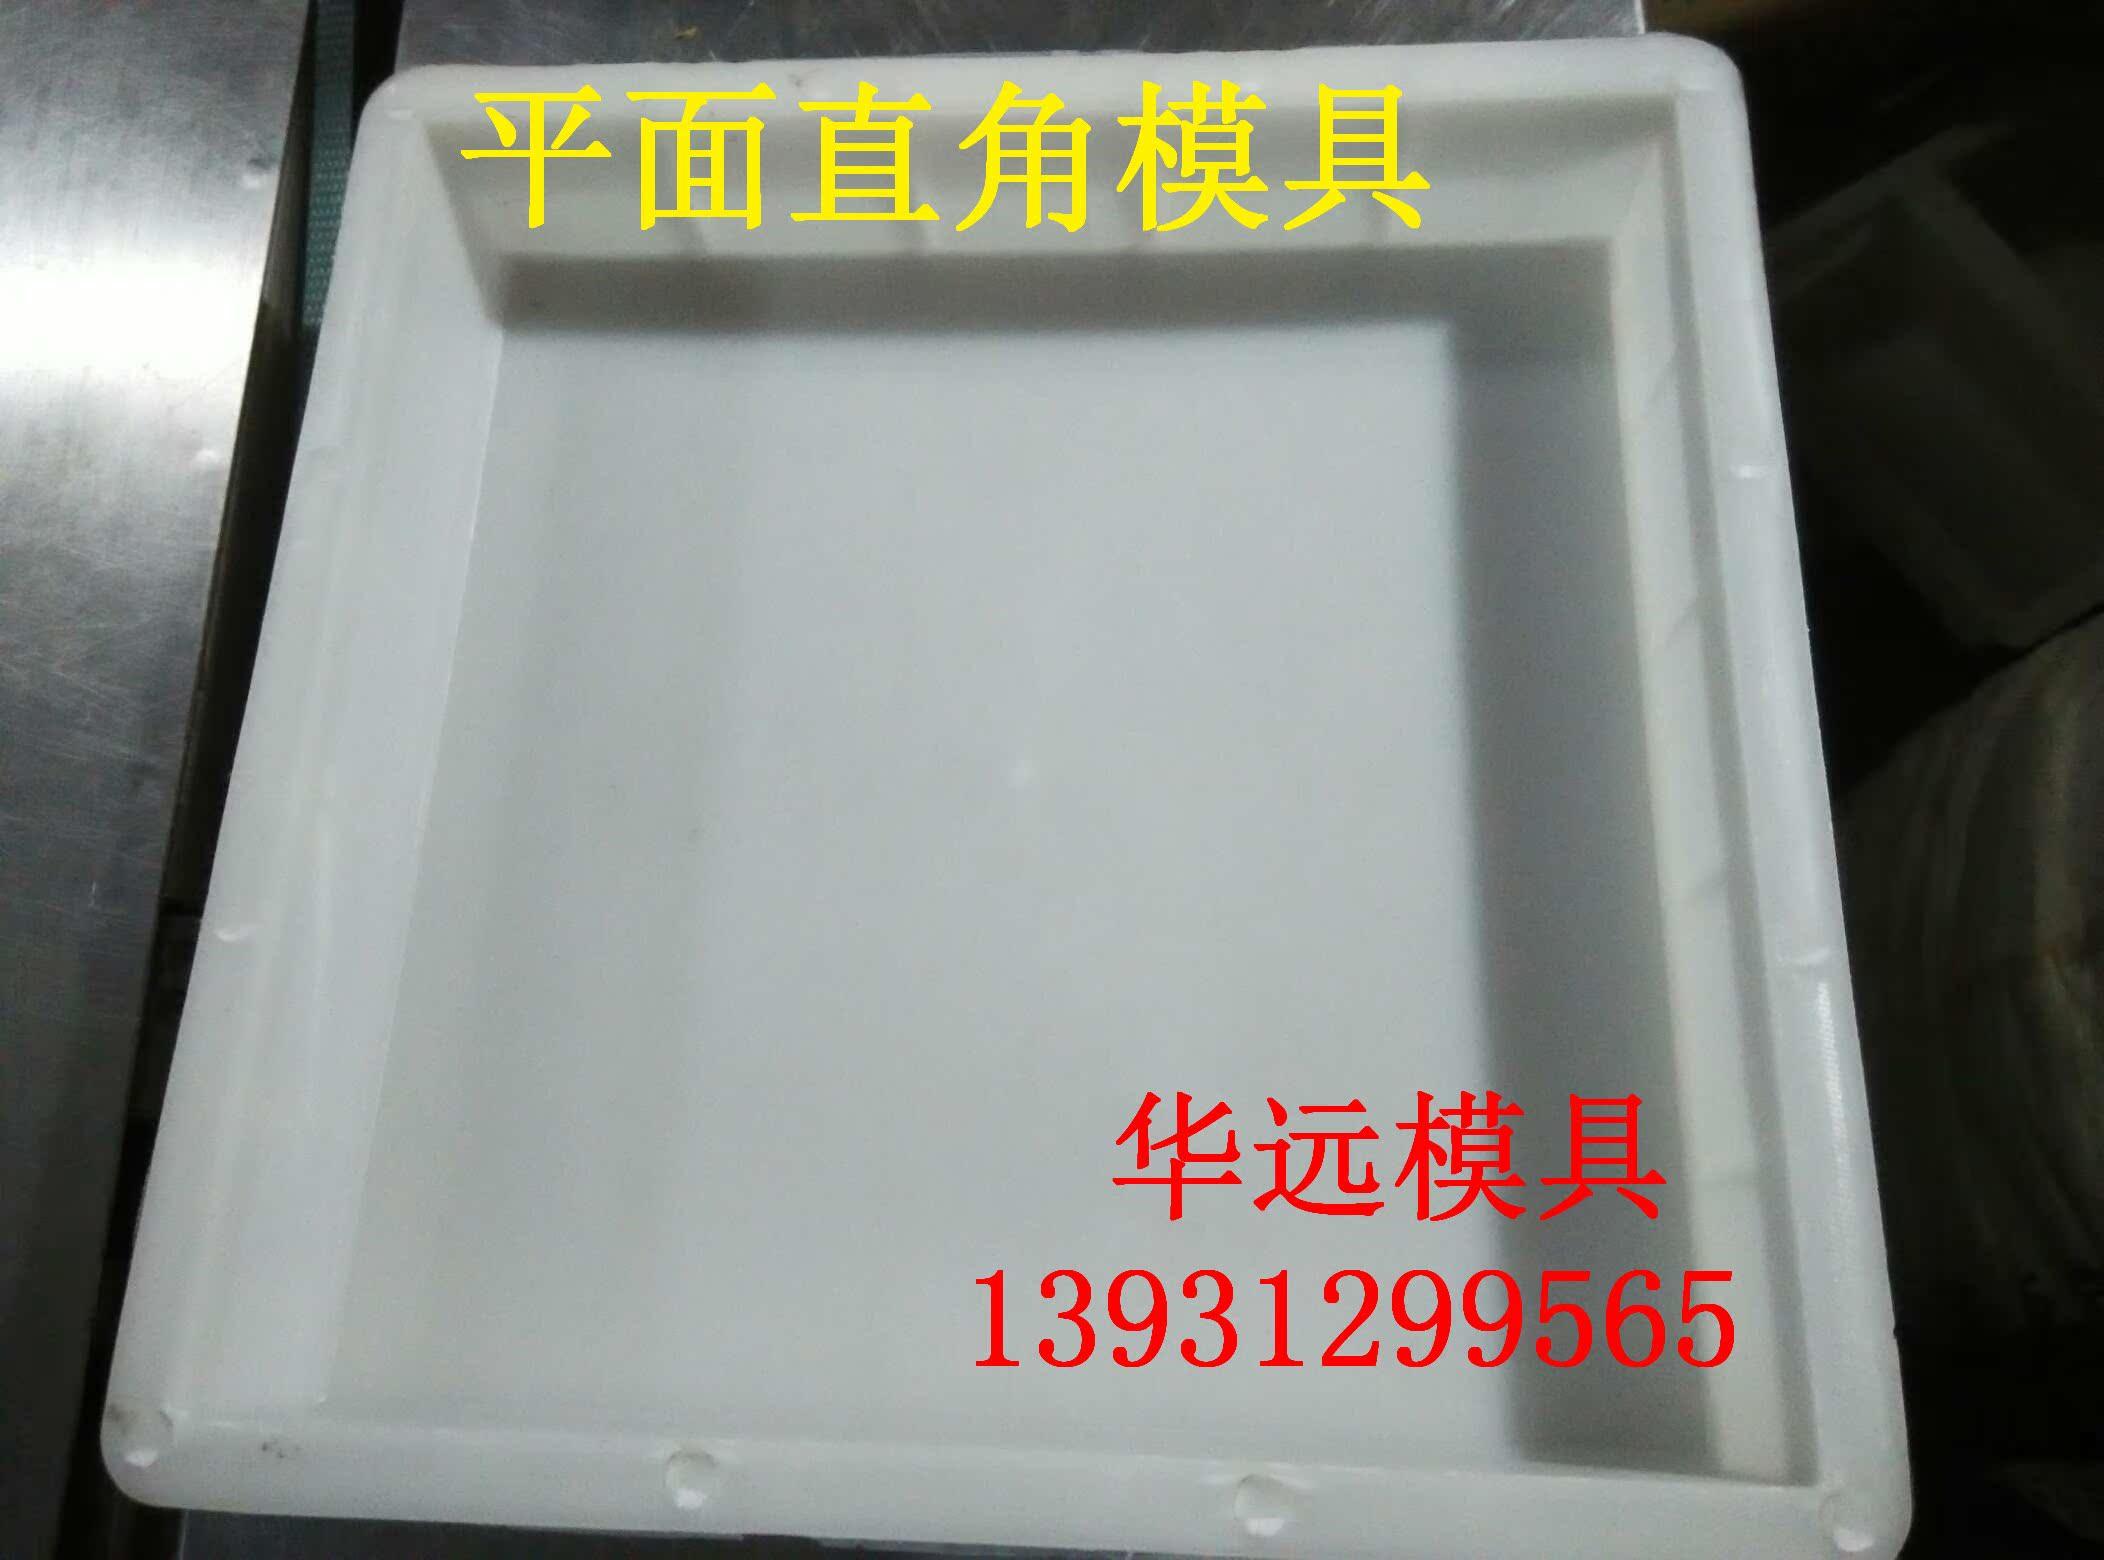 Aereo o muffa muffa: Mattoni di dimensioni 50x50x3.5 (Pannelli isolanti con bordi)